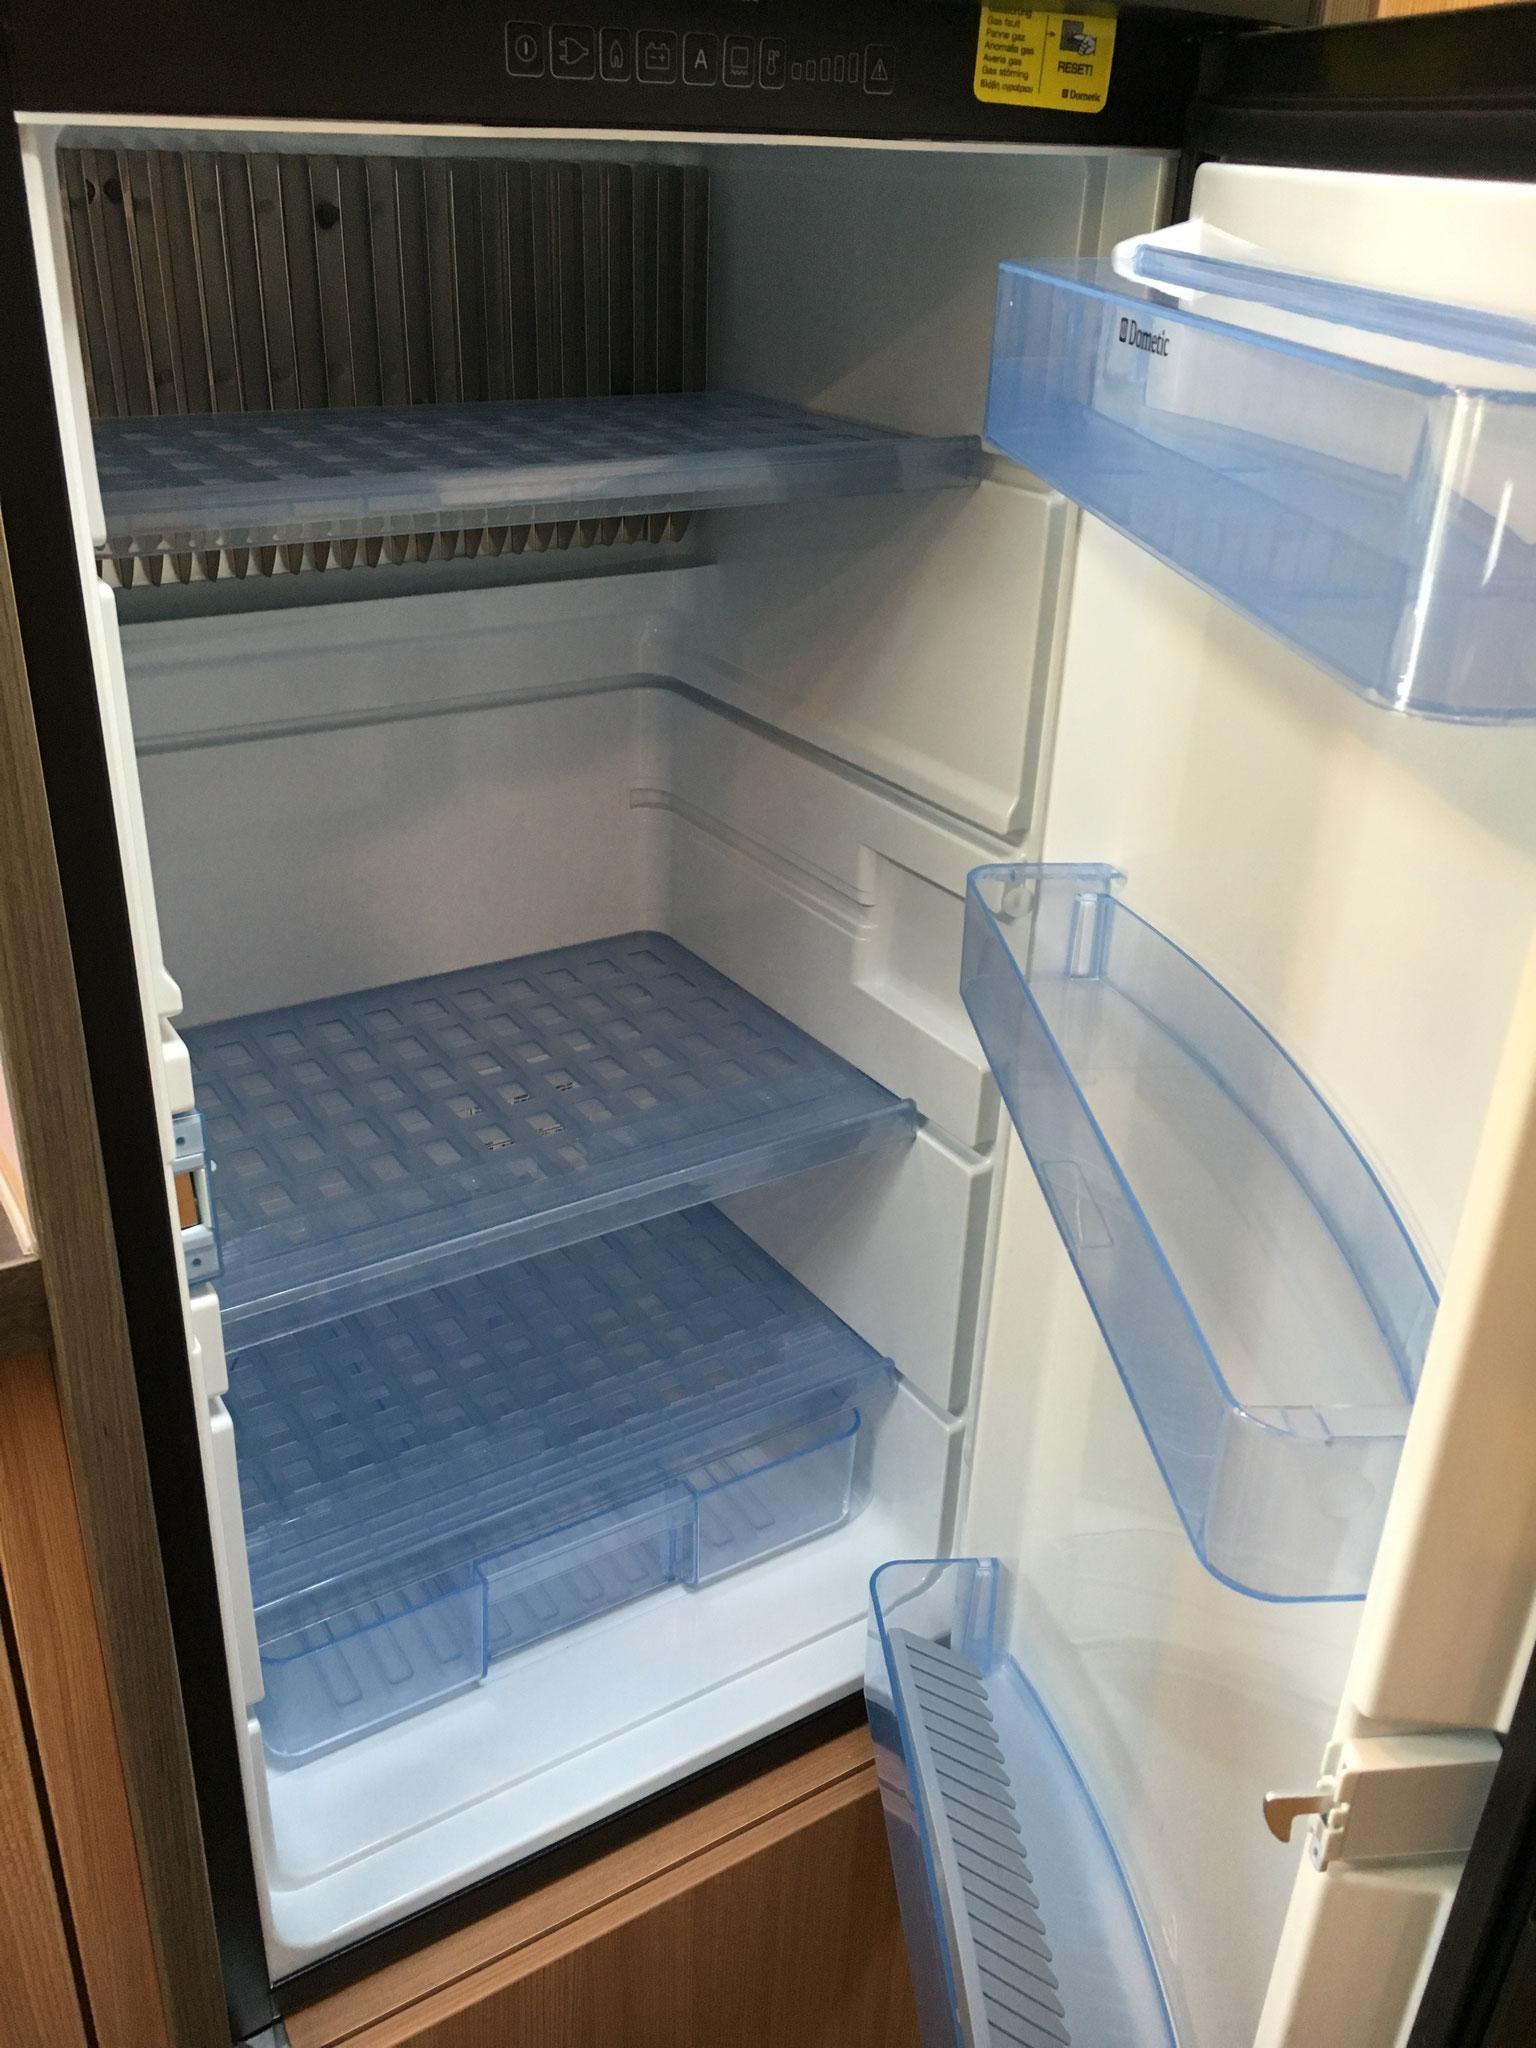 Kühlschrank, groß wie zuhause